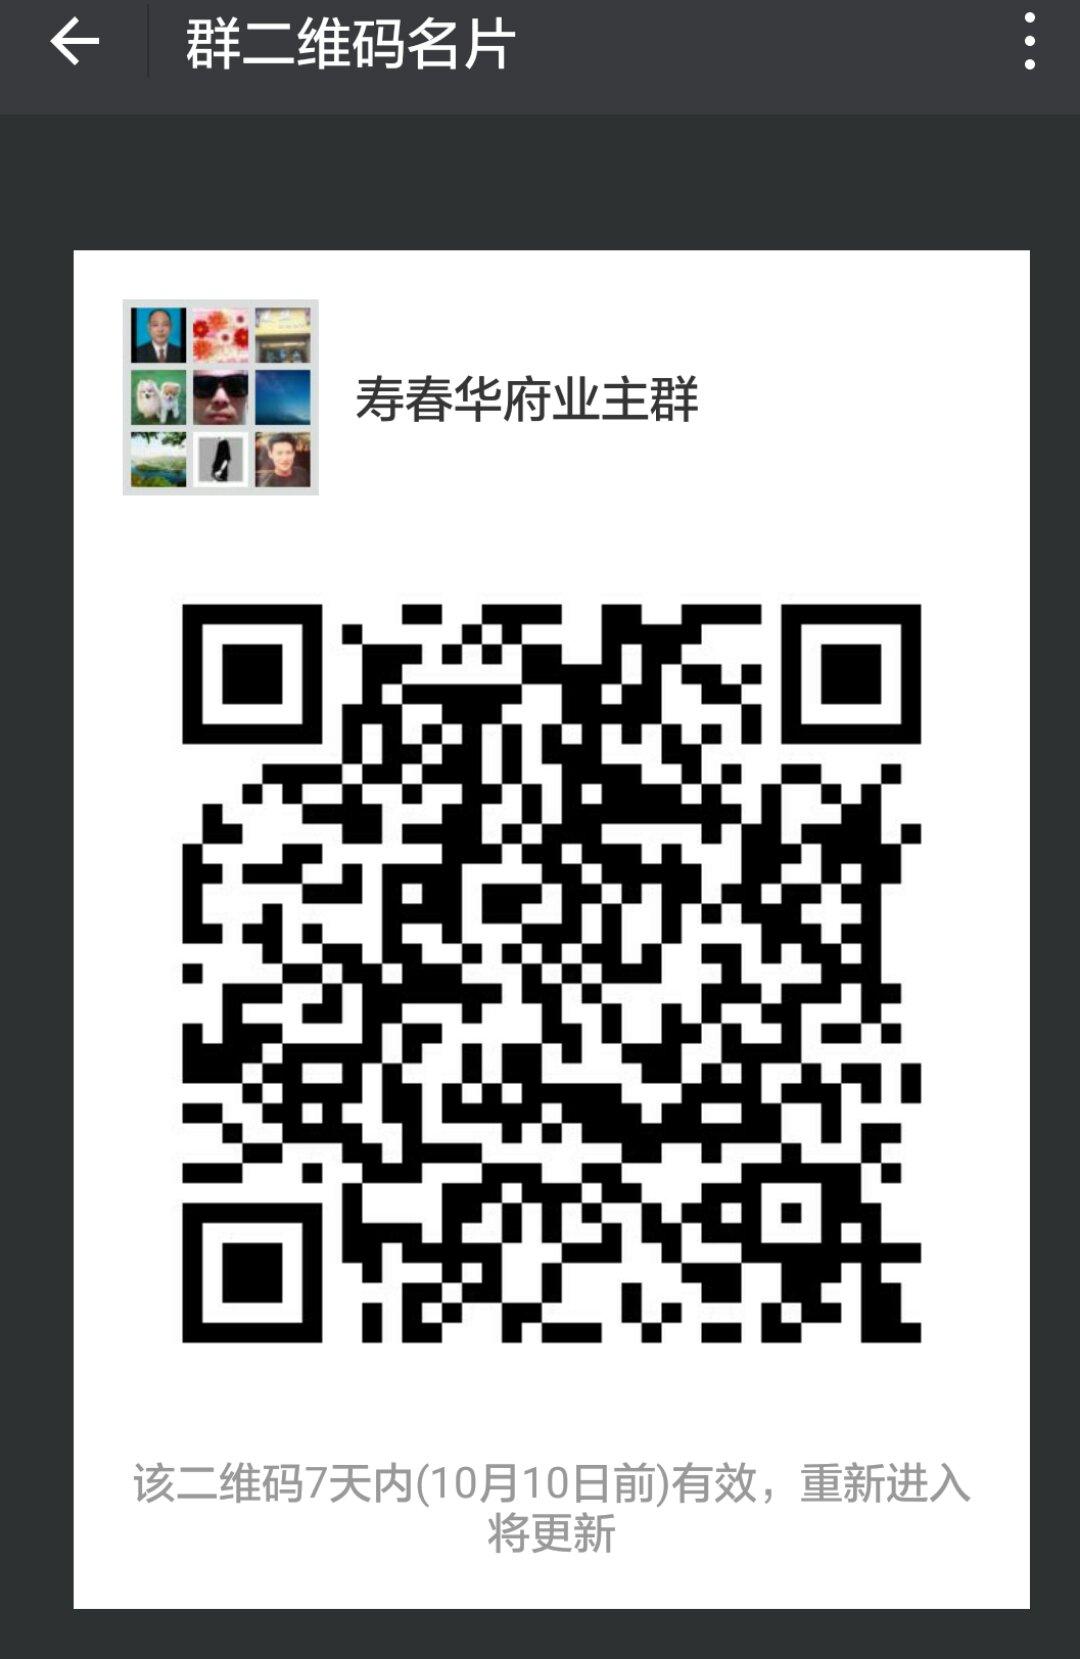 微信图片_20171003072135.jpg